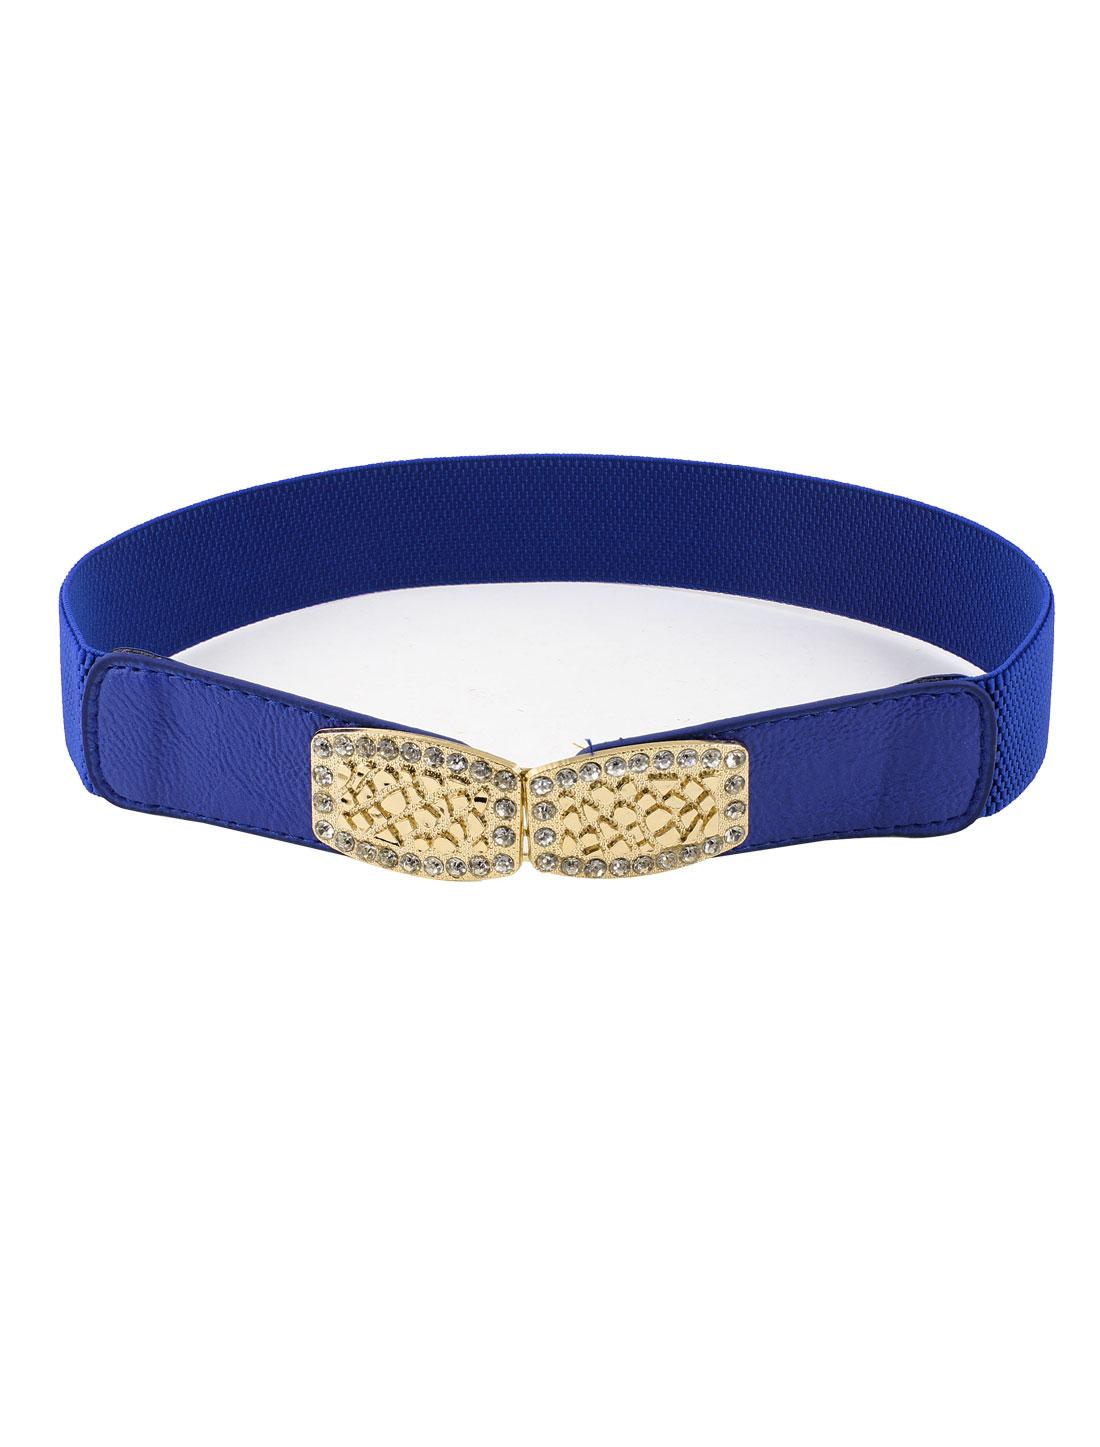 Lady Rhinestone Adorn Elastic Interlocking Buckle Cinch Belt Blue